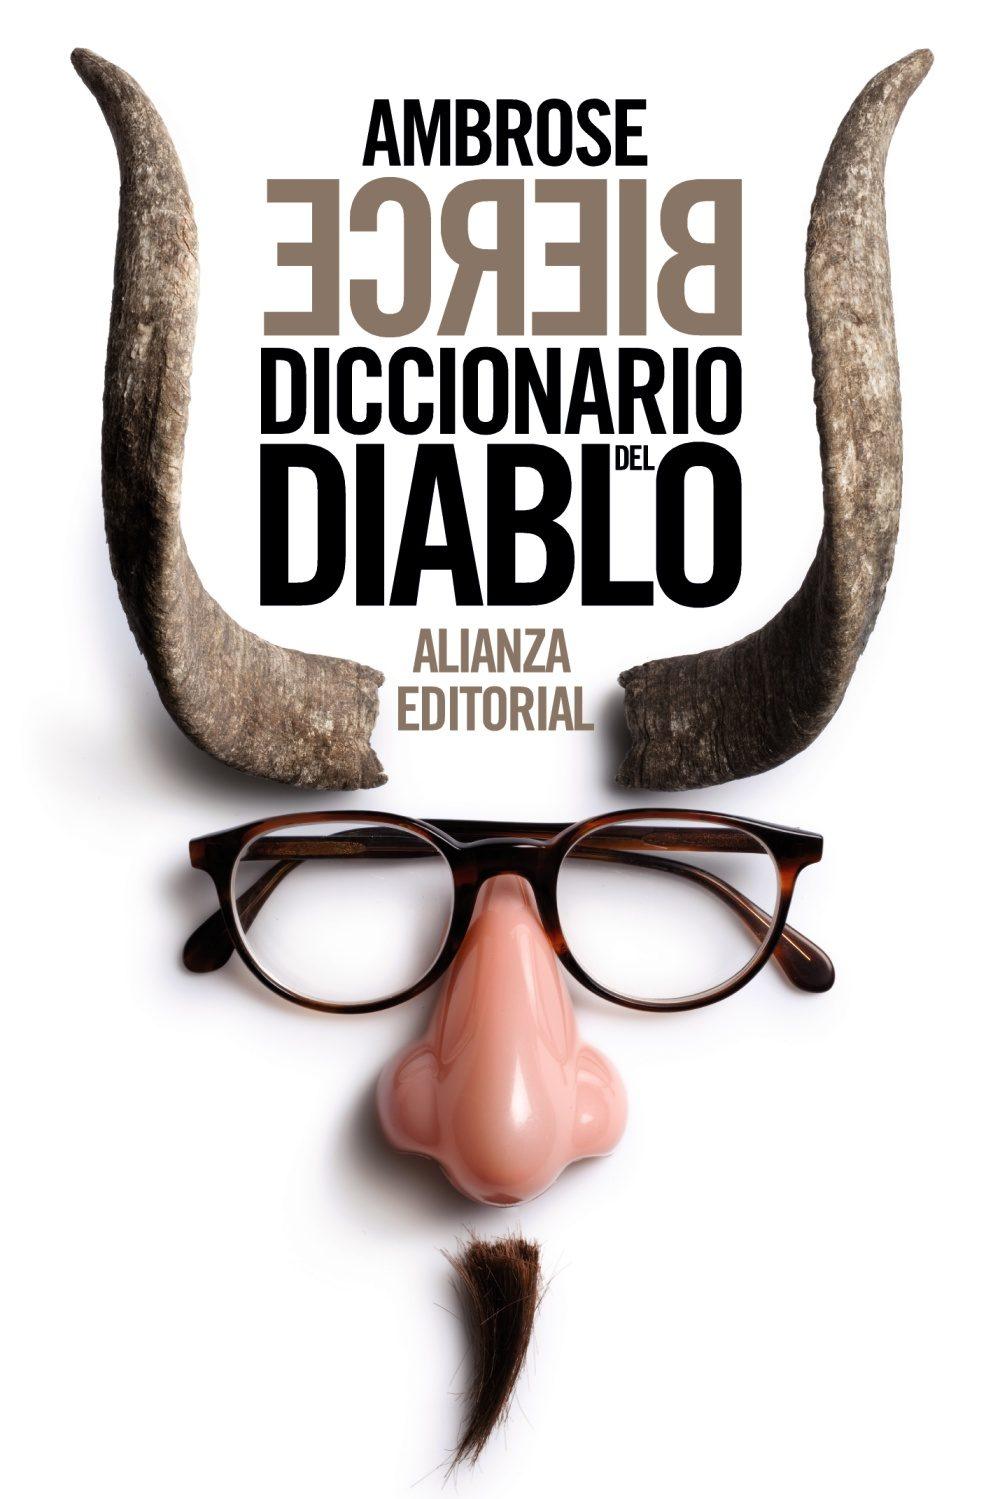 Ambrose Bierce (Diccionario del Diablo)